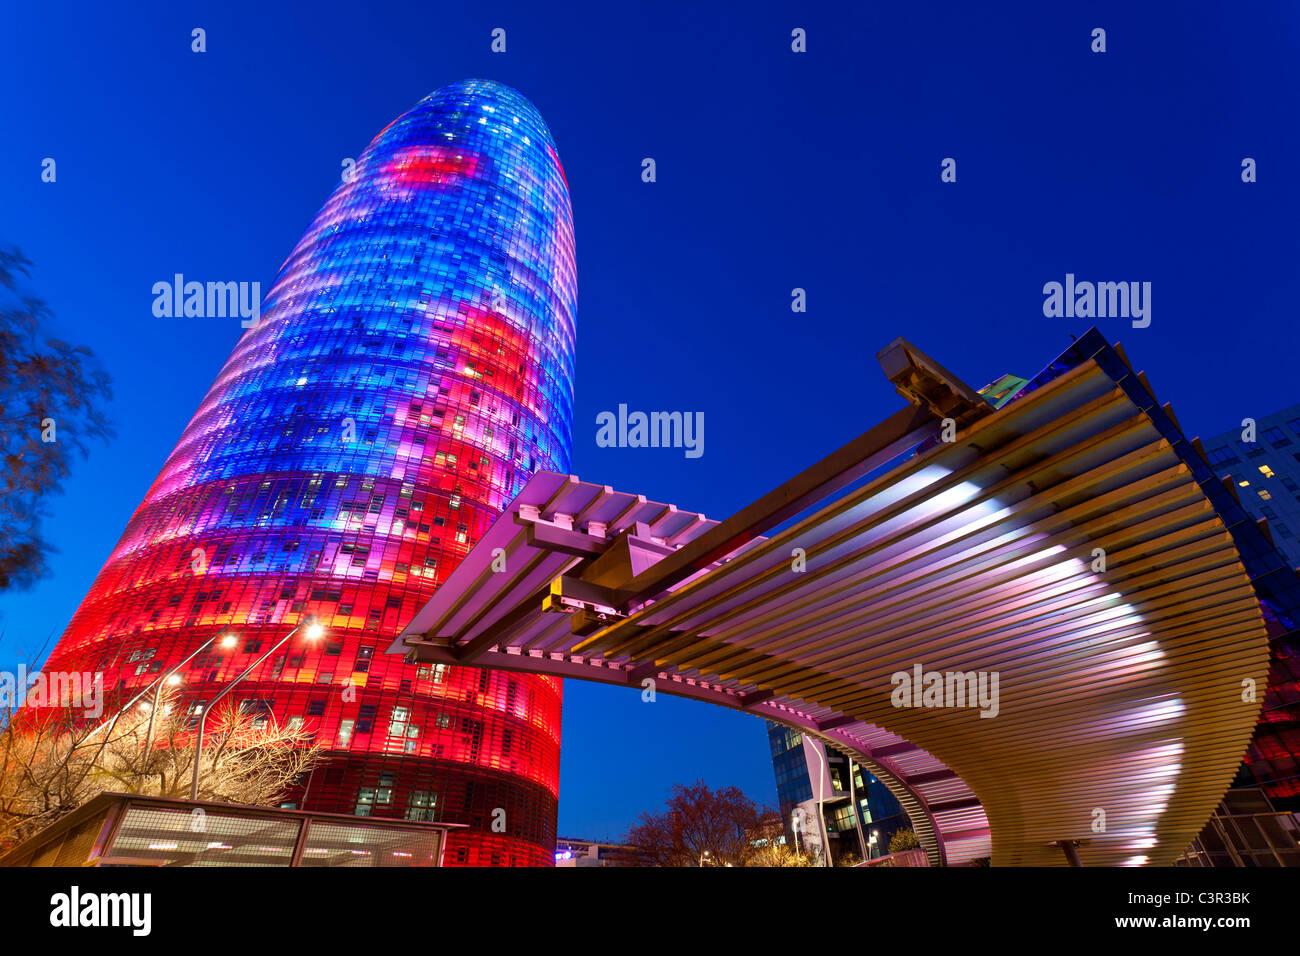 Vista de la Torre Agbar (Torre Agbar) y del horizonte de Barcelon, España. El edificio de 32 pisos de oficinas Imagen De Stock